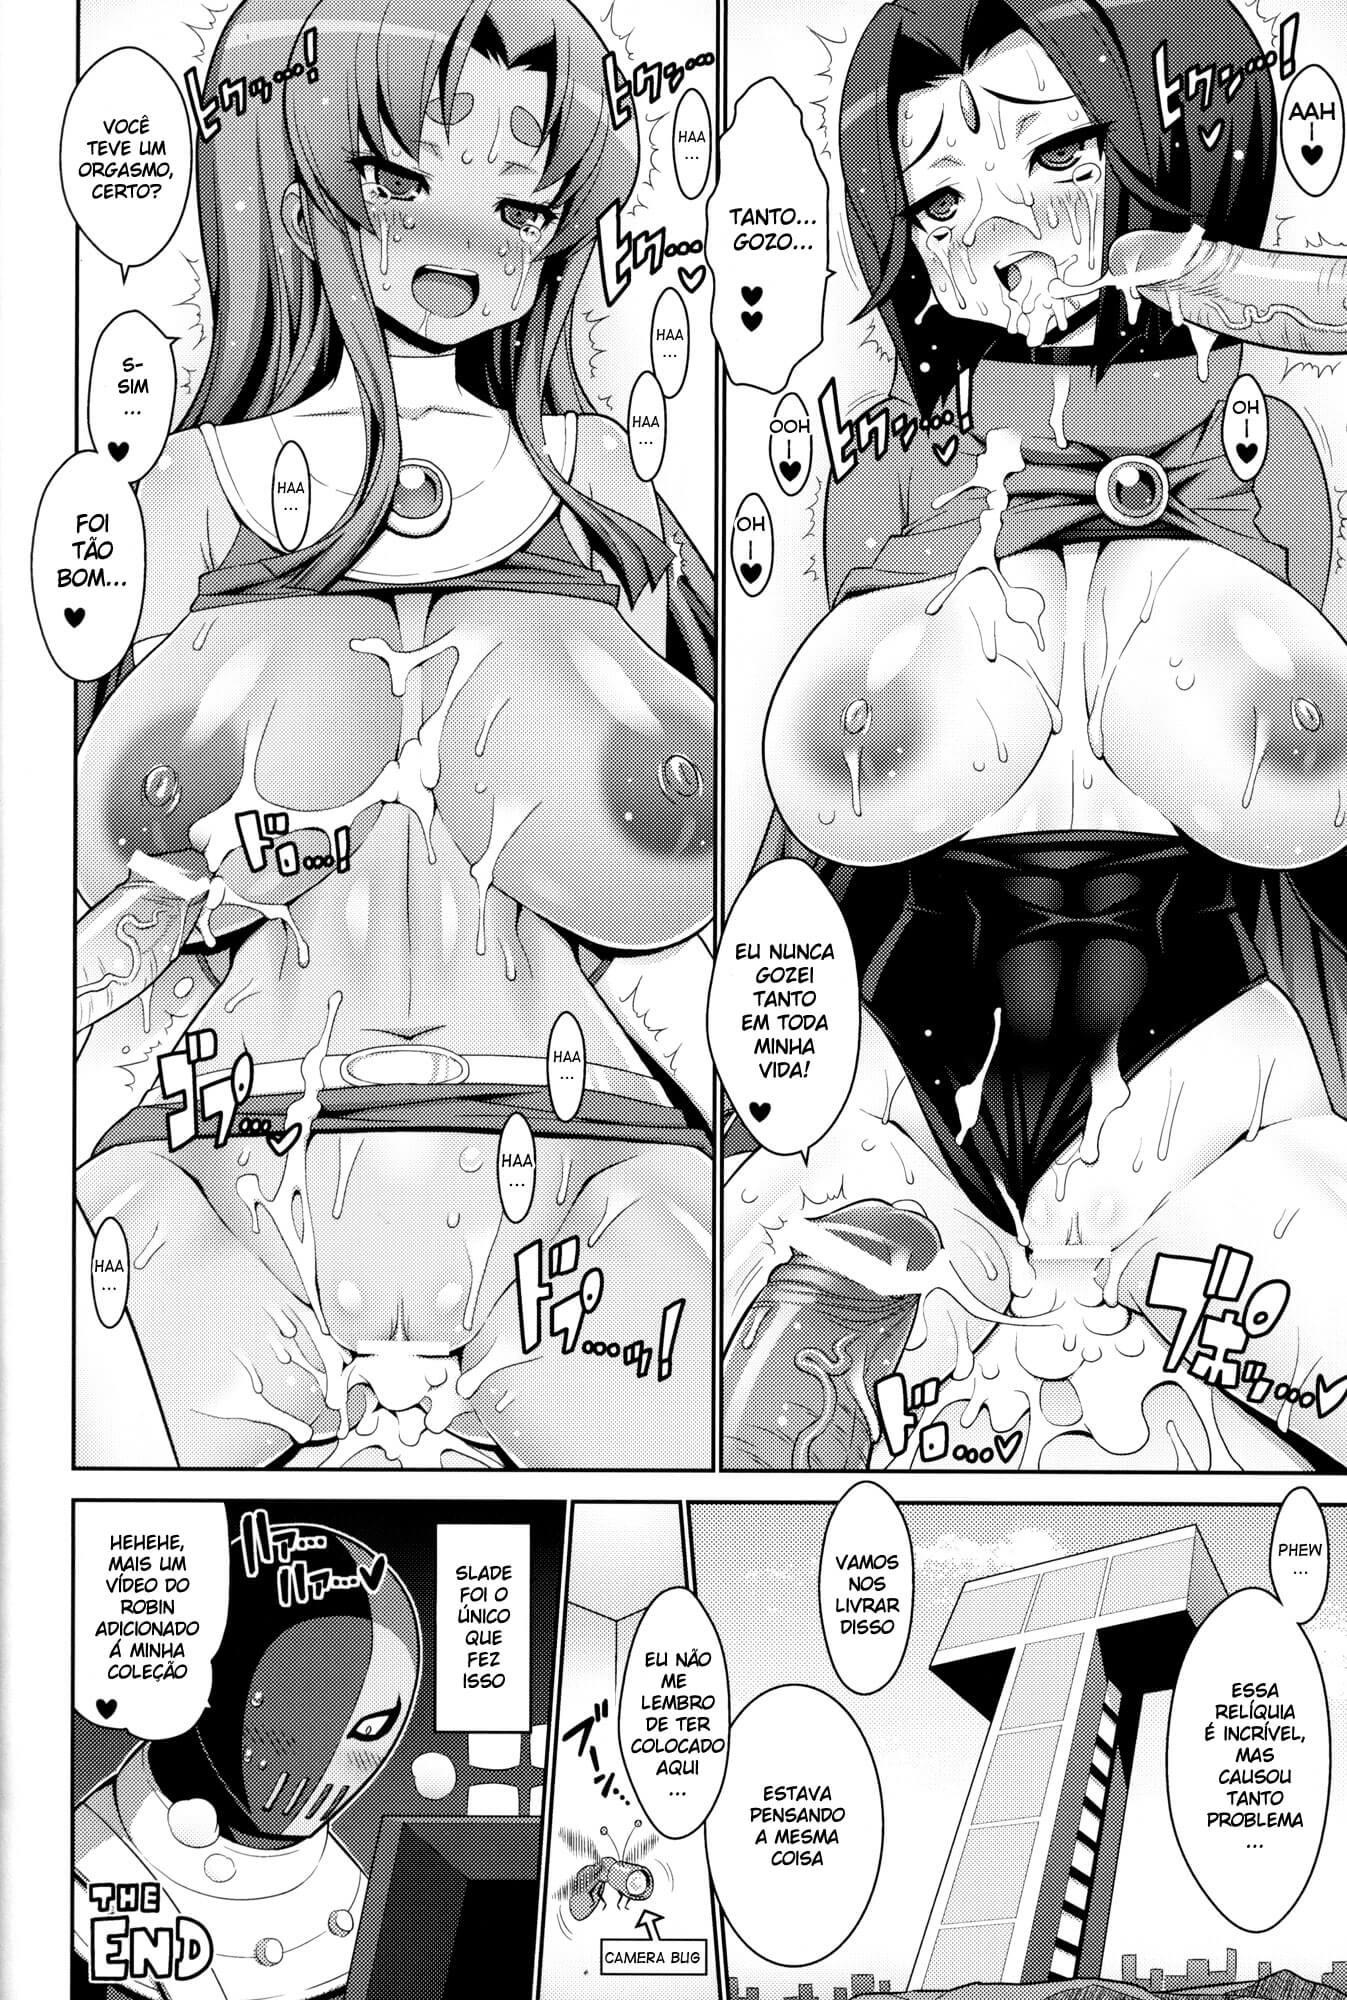 Estelar-e-Ravena-precisa-sentir-orgasmo-17